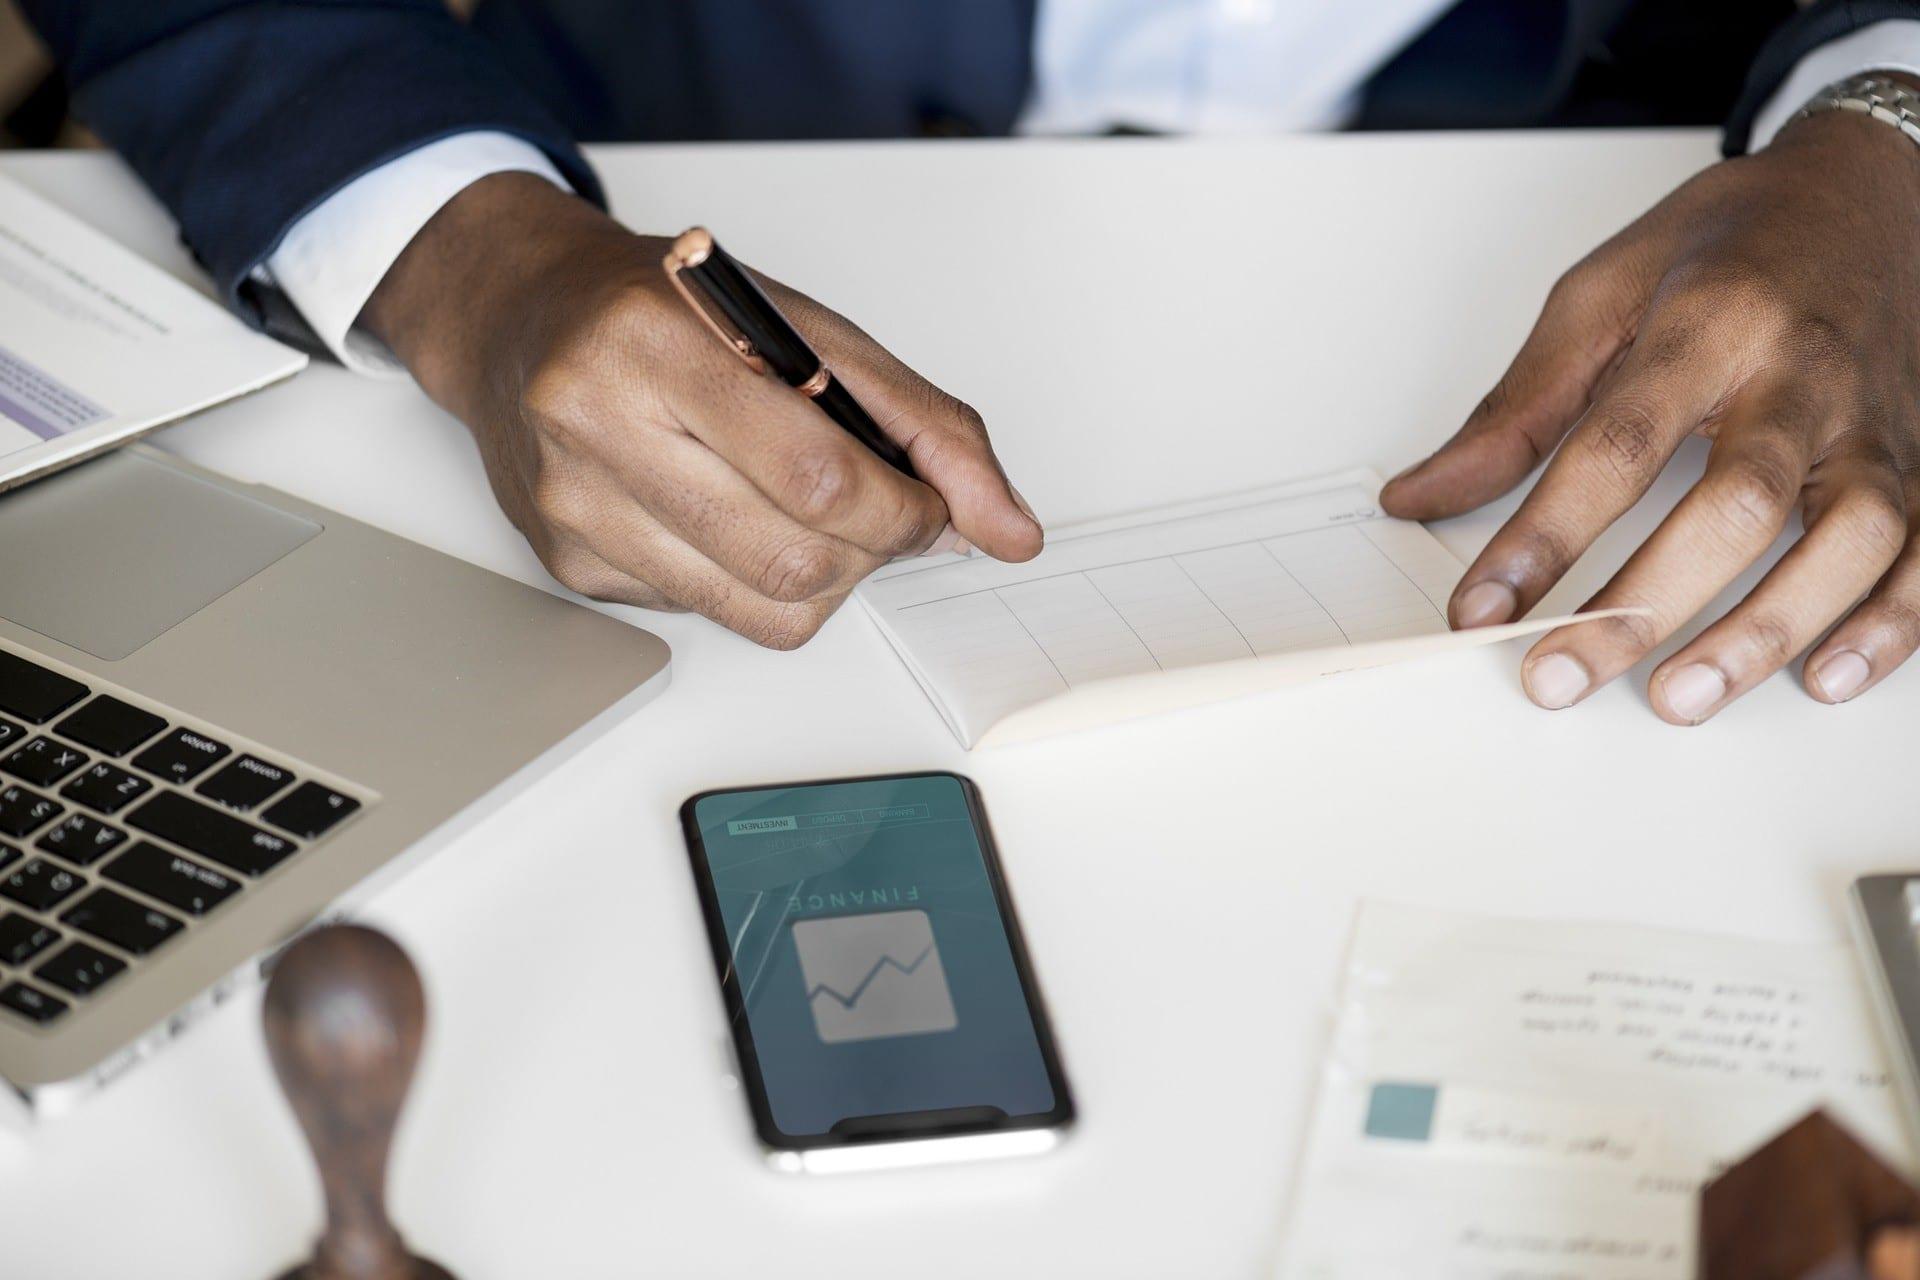 Kontokorrentkredit - der Dispo für Unternehmen